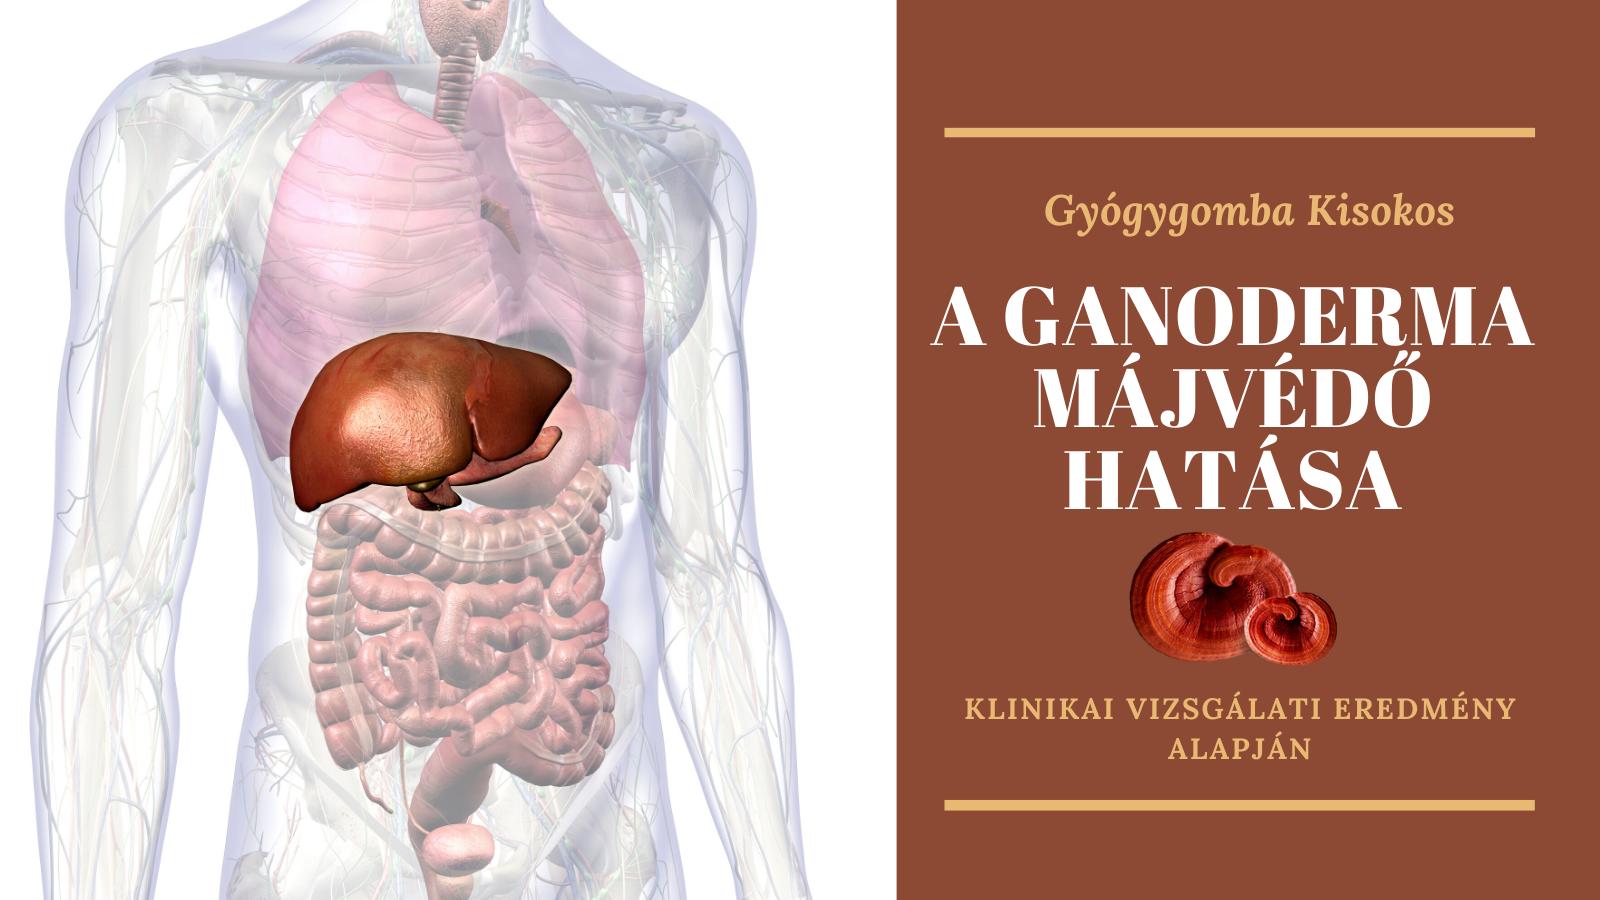 Klinikai vizsgálat a ganoderma májvédő hatásának bizonyítására!